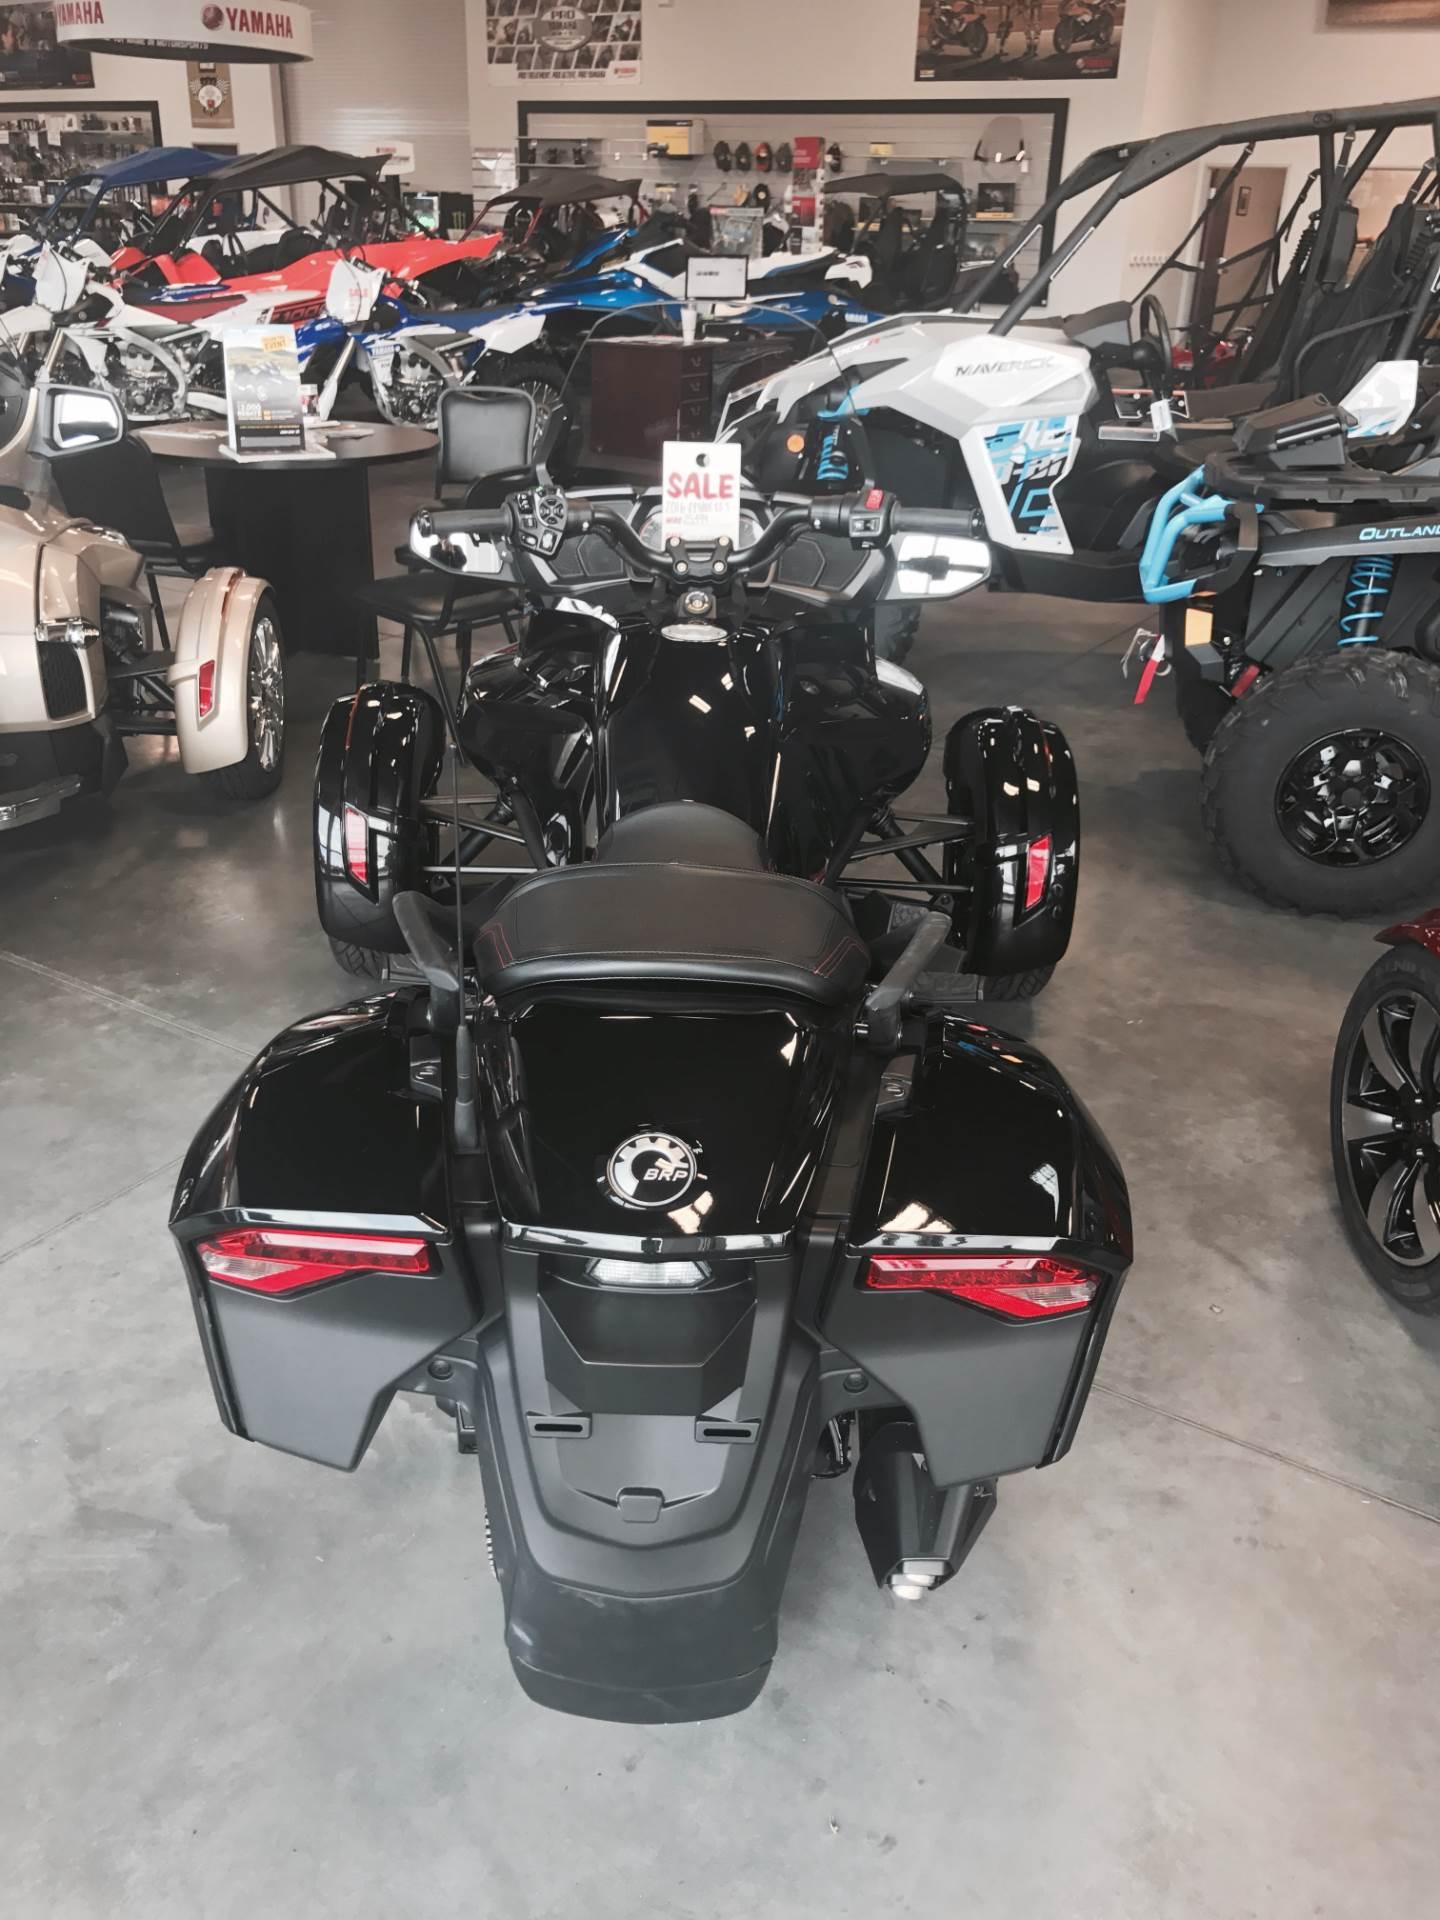 2016 Can-Am Spyder F3-T SE6 in Las Vegas, Nevada